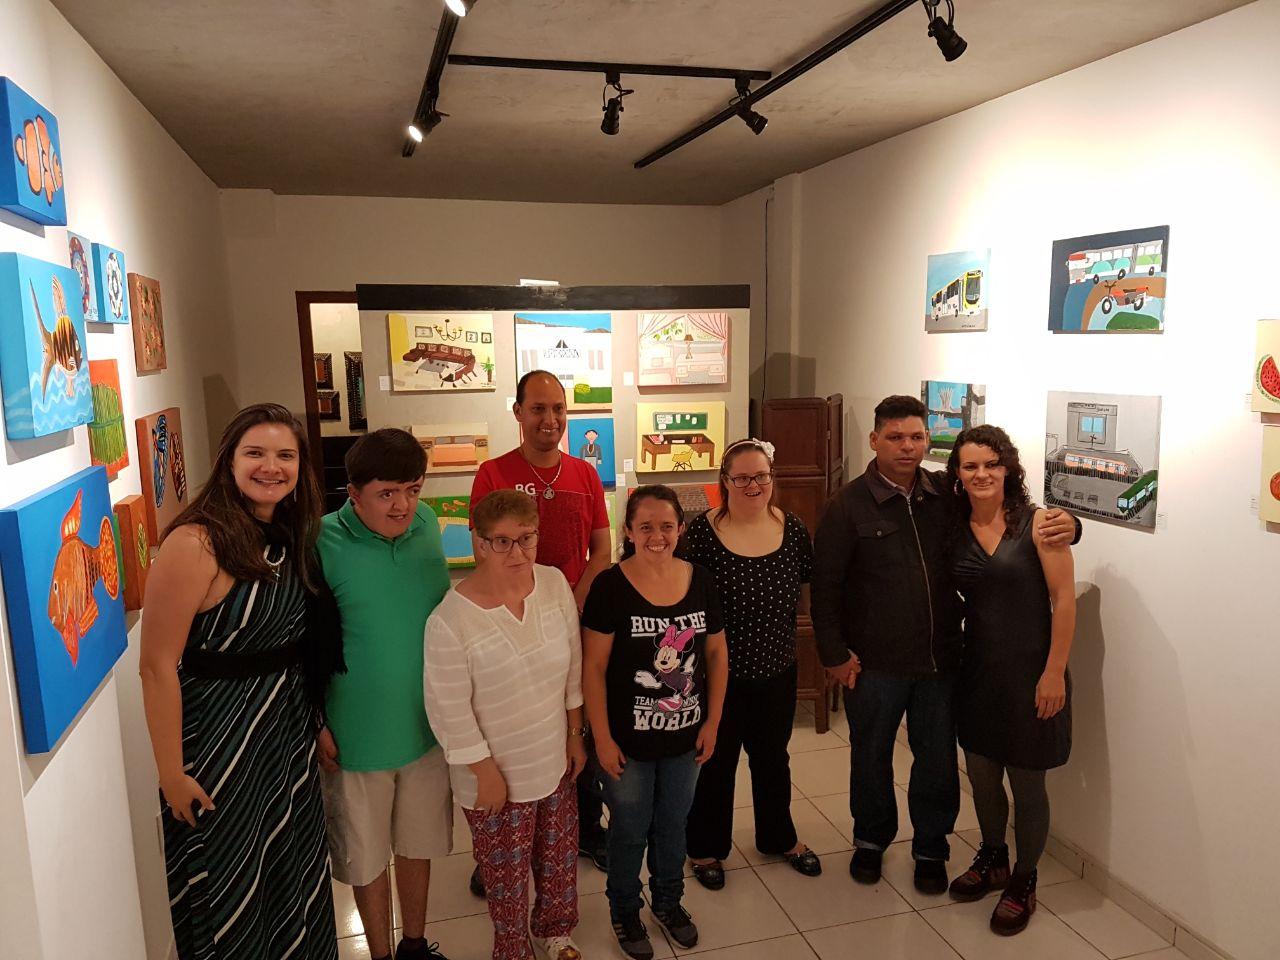 Nossa Coordenadora acompanhando os nossos artistas em sua primeira exposição de pinturas autorais, juntamente com a nossa Professora de Artes.